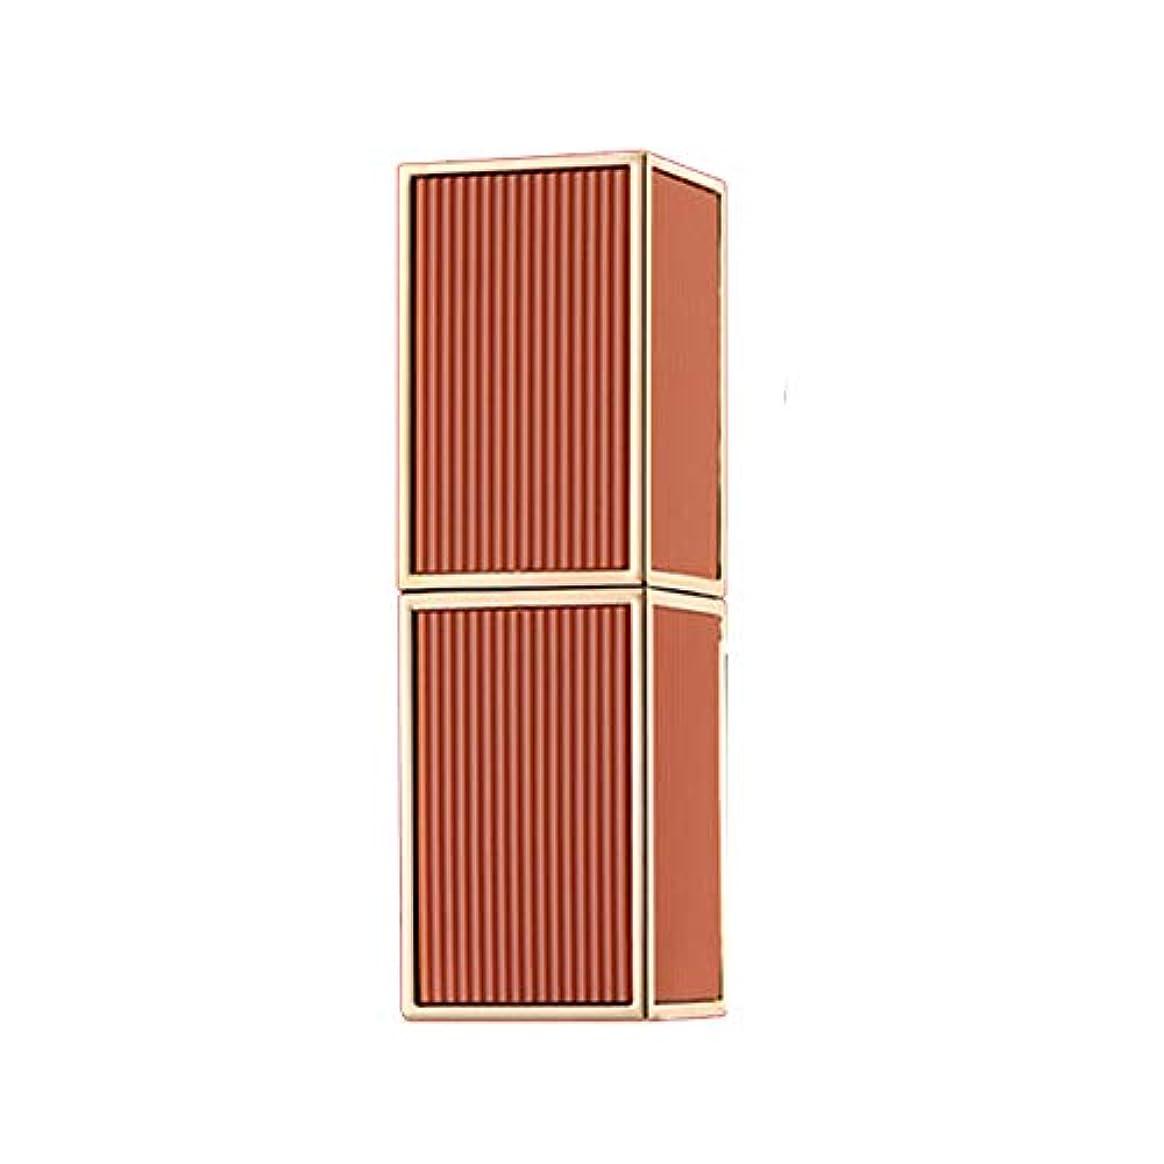 パワーセル属性住居リップバーム 1pc スクエアチューブ 口紅 リップスティック レッド 深い色 保湿 リップクリーム ベルベット メイク プレゼント ツヤツヤな潤い肌の色を見せるルージュhuajuan